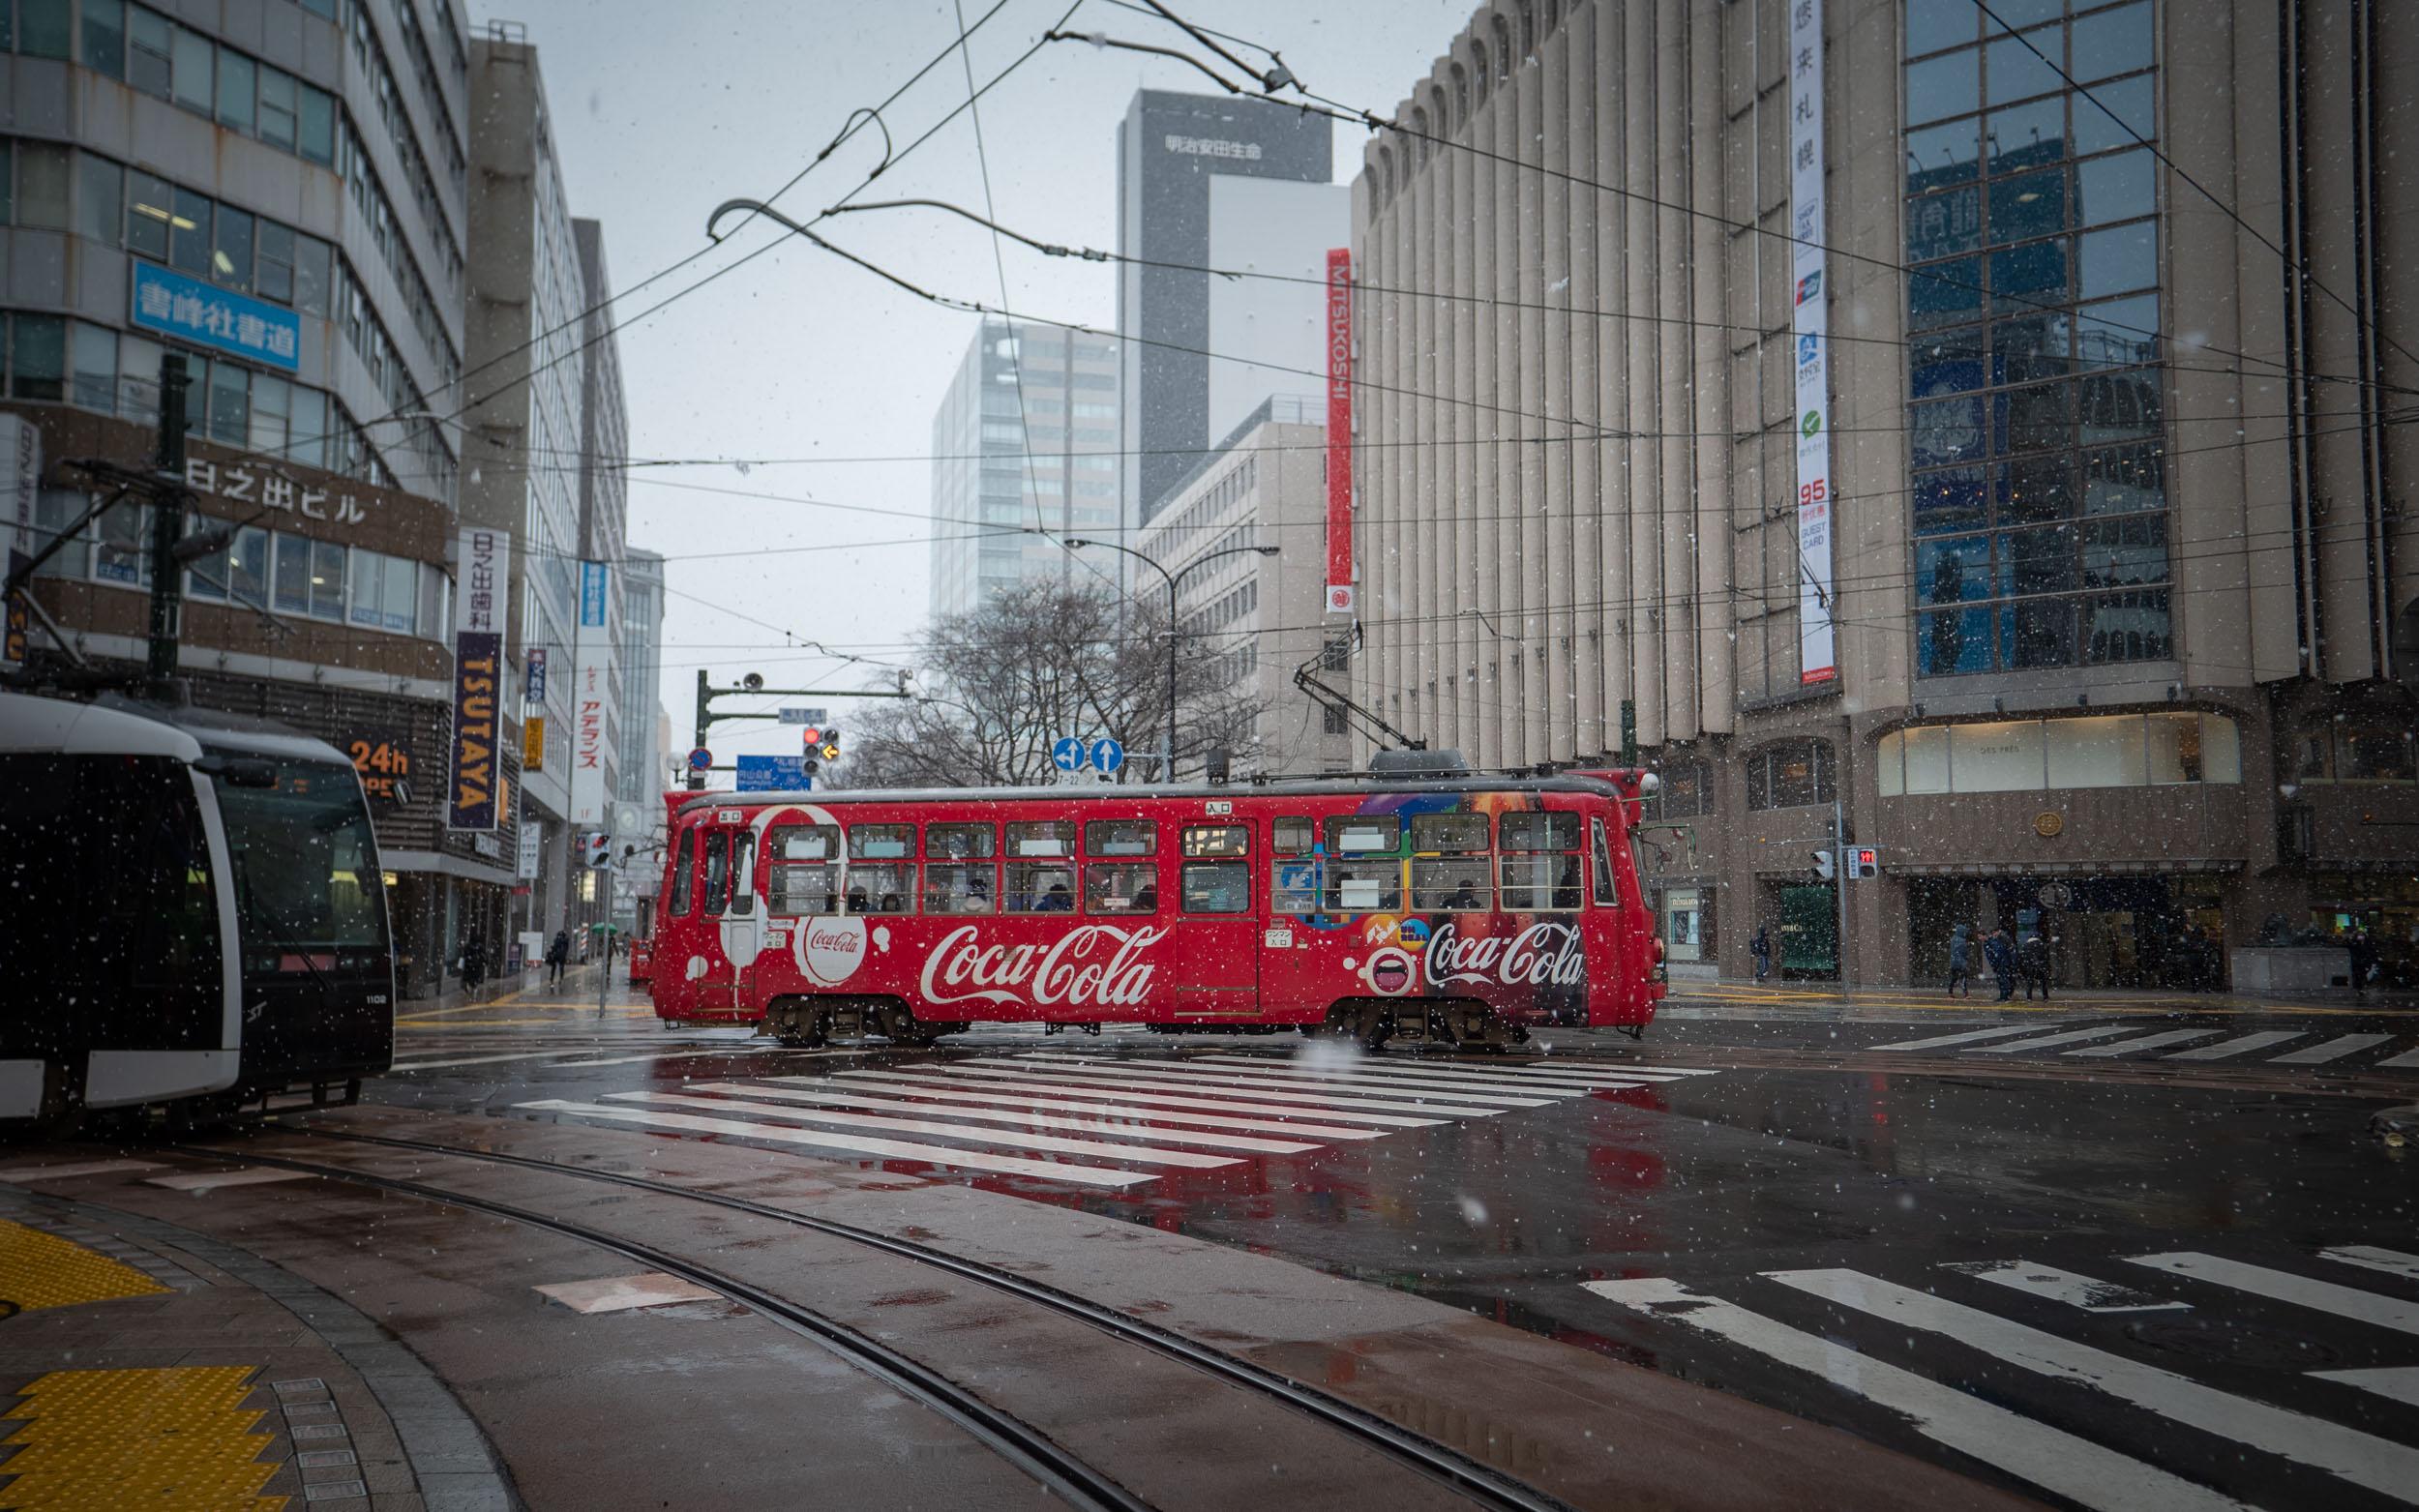 すすきの交差点を行く札幌市電 DMC-GX8 + LEICA DG 12-60mm